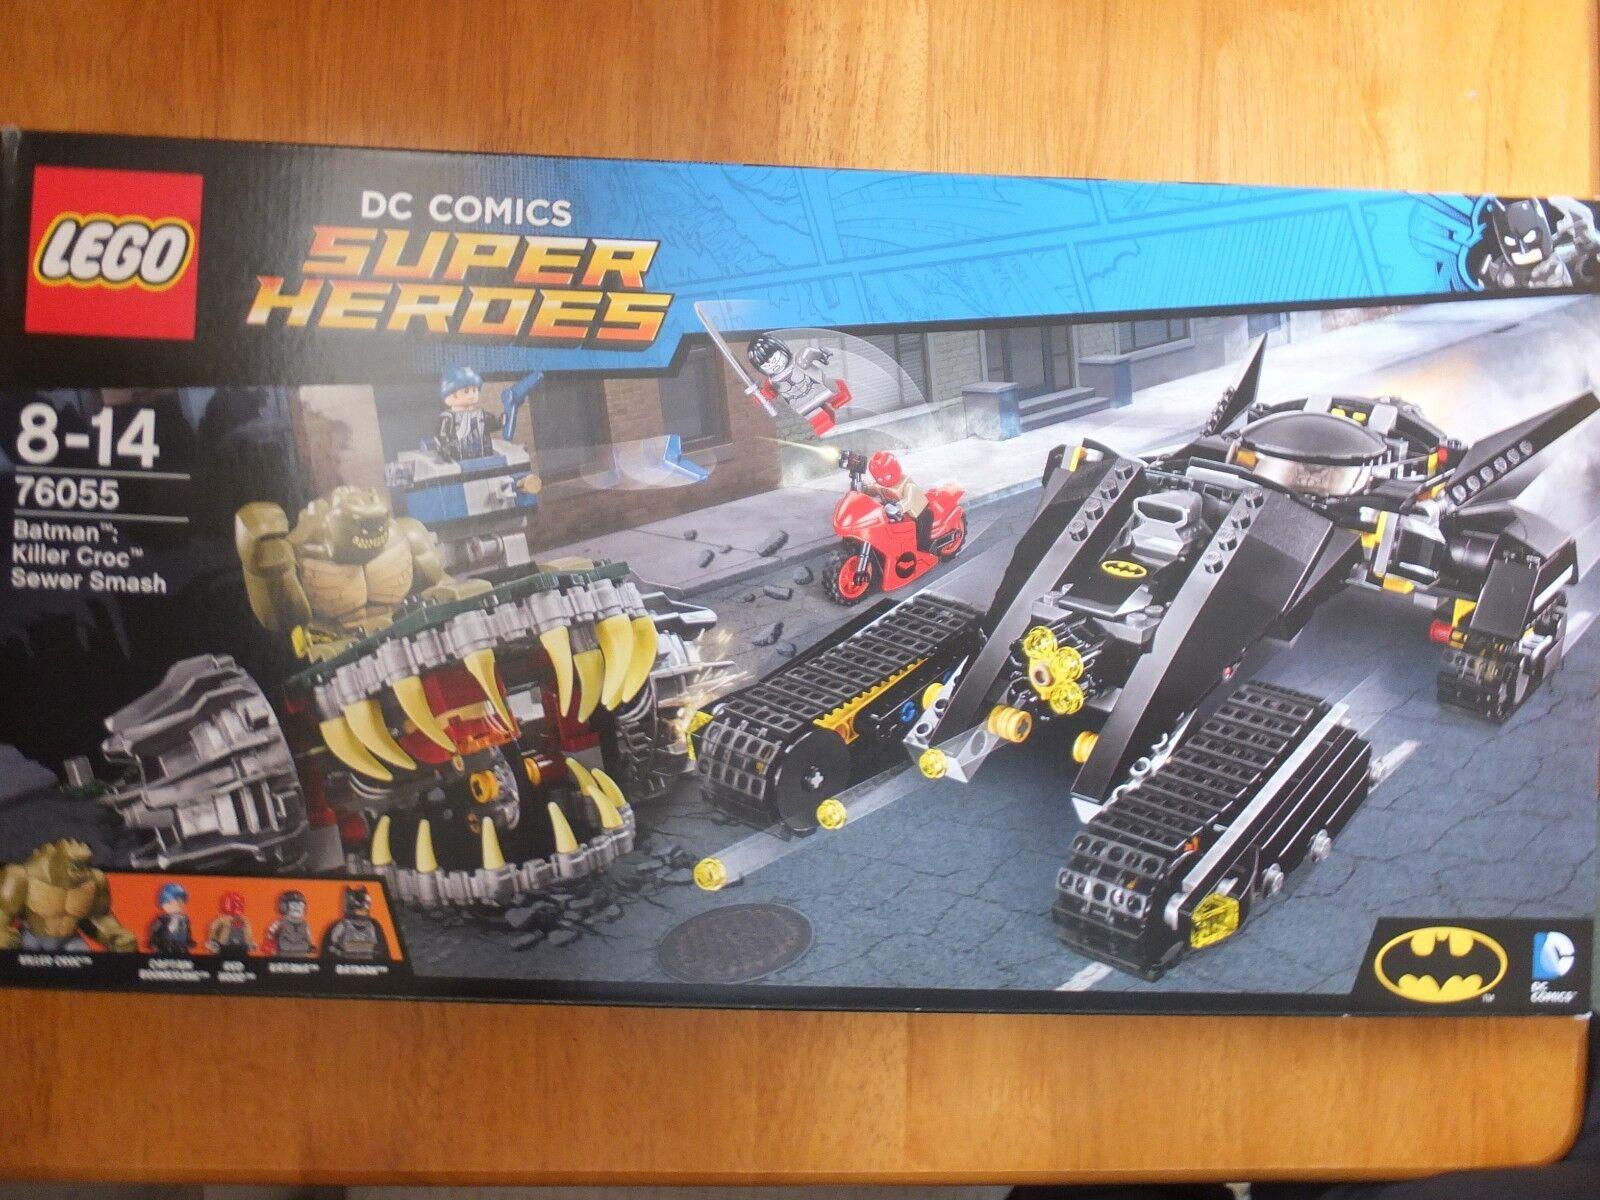 Lego 76055 DC Comics Super Heroes Batman Killer Croc Sewer Sewer Sewer Smash Set 90b89a